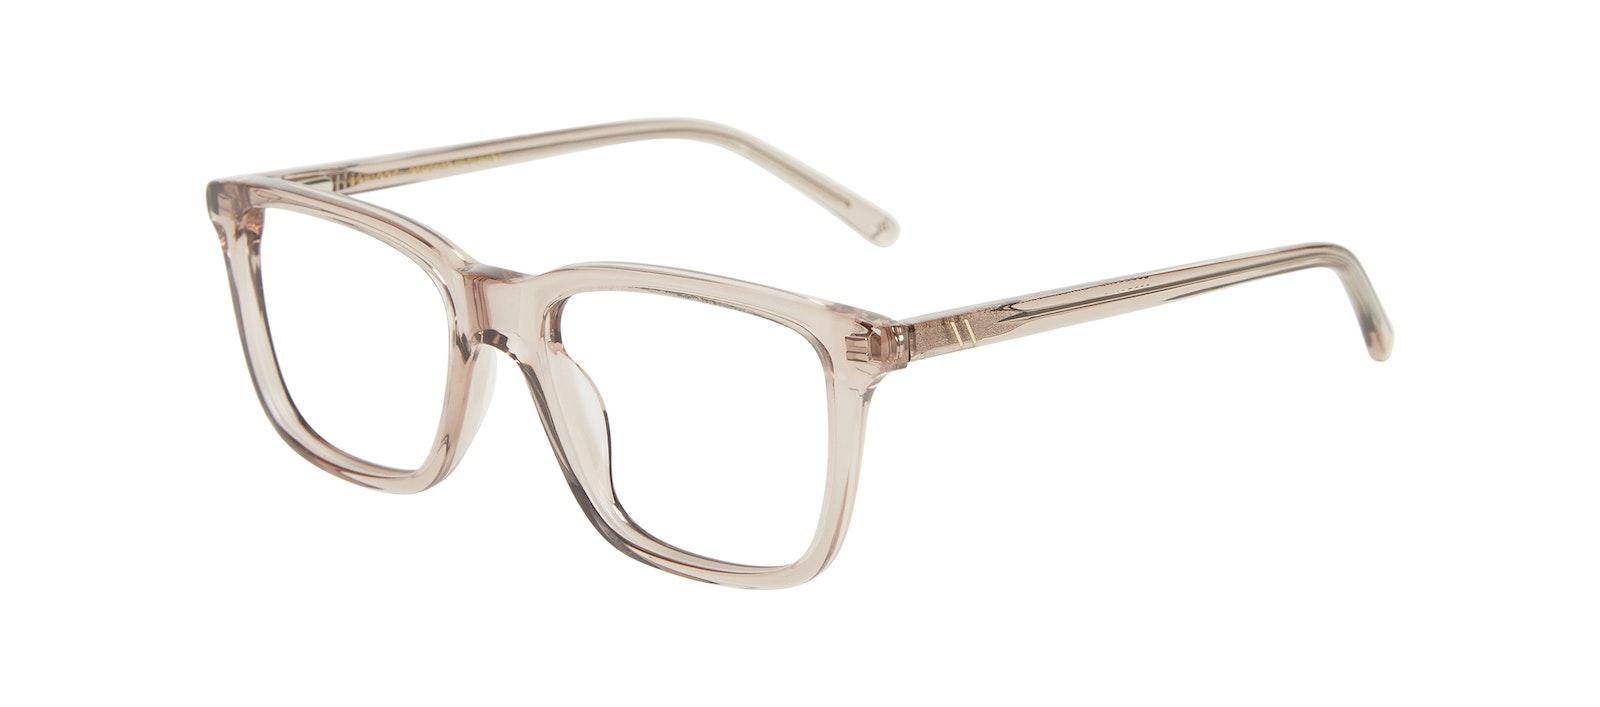 Affordable Fashion Glasses Square Eyeglasses Kids Code Junior Sand Tilt